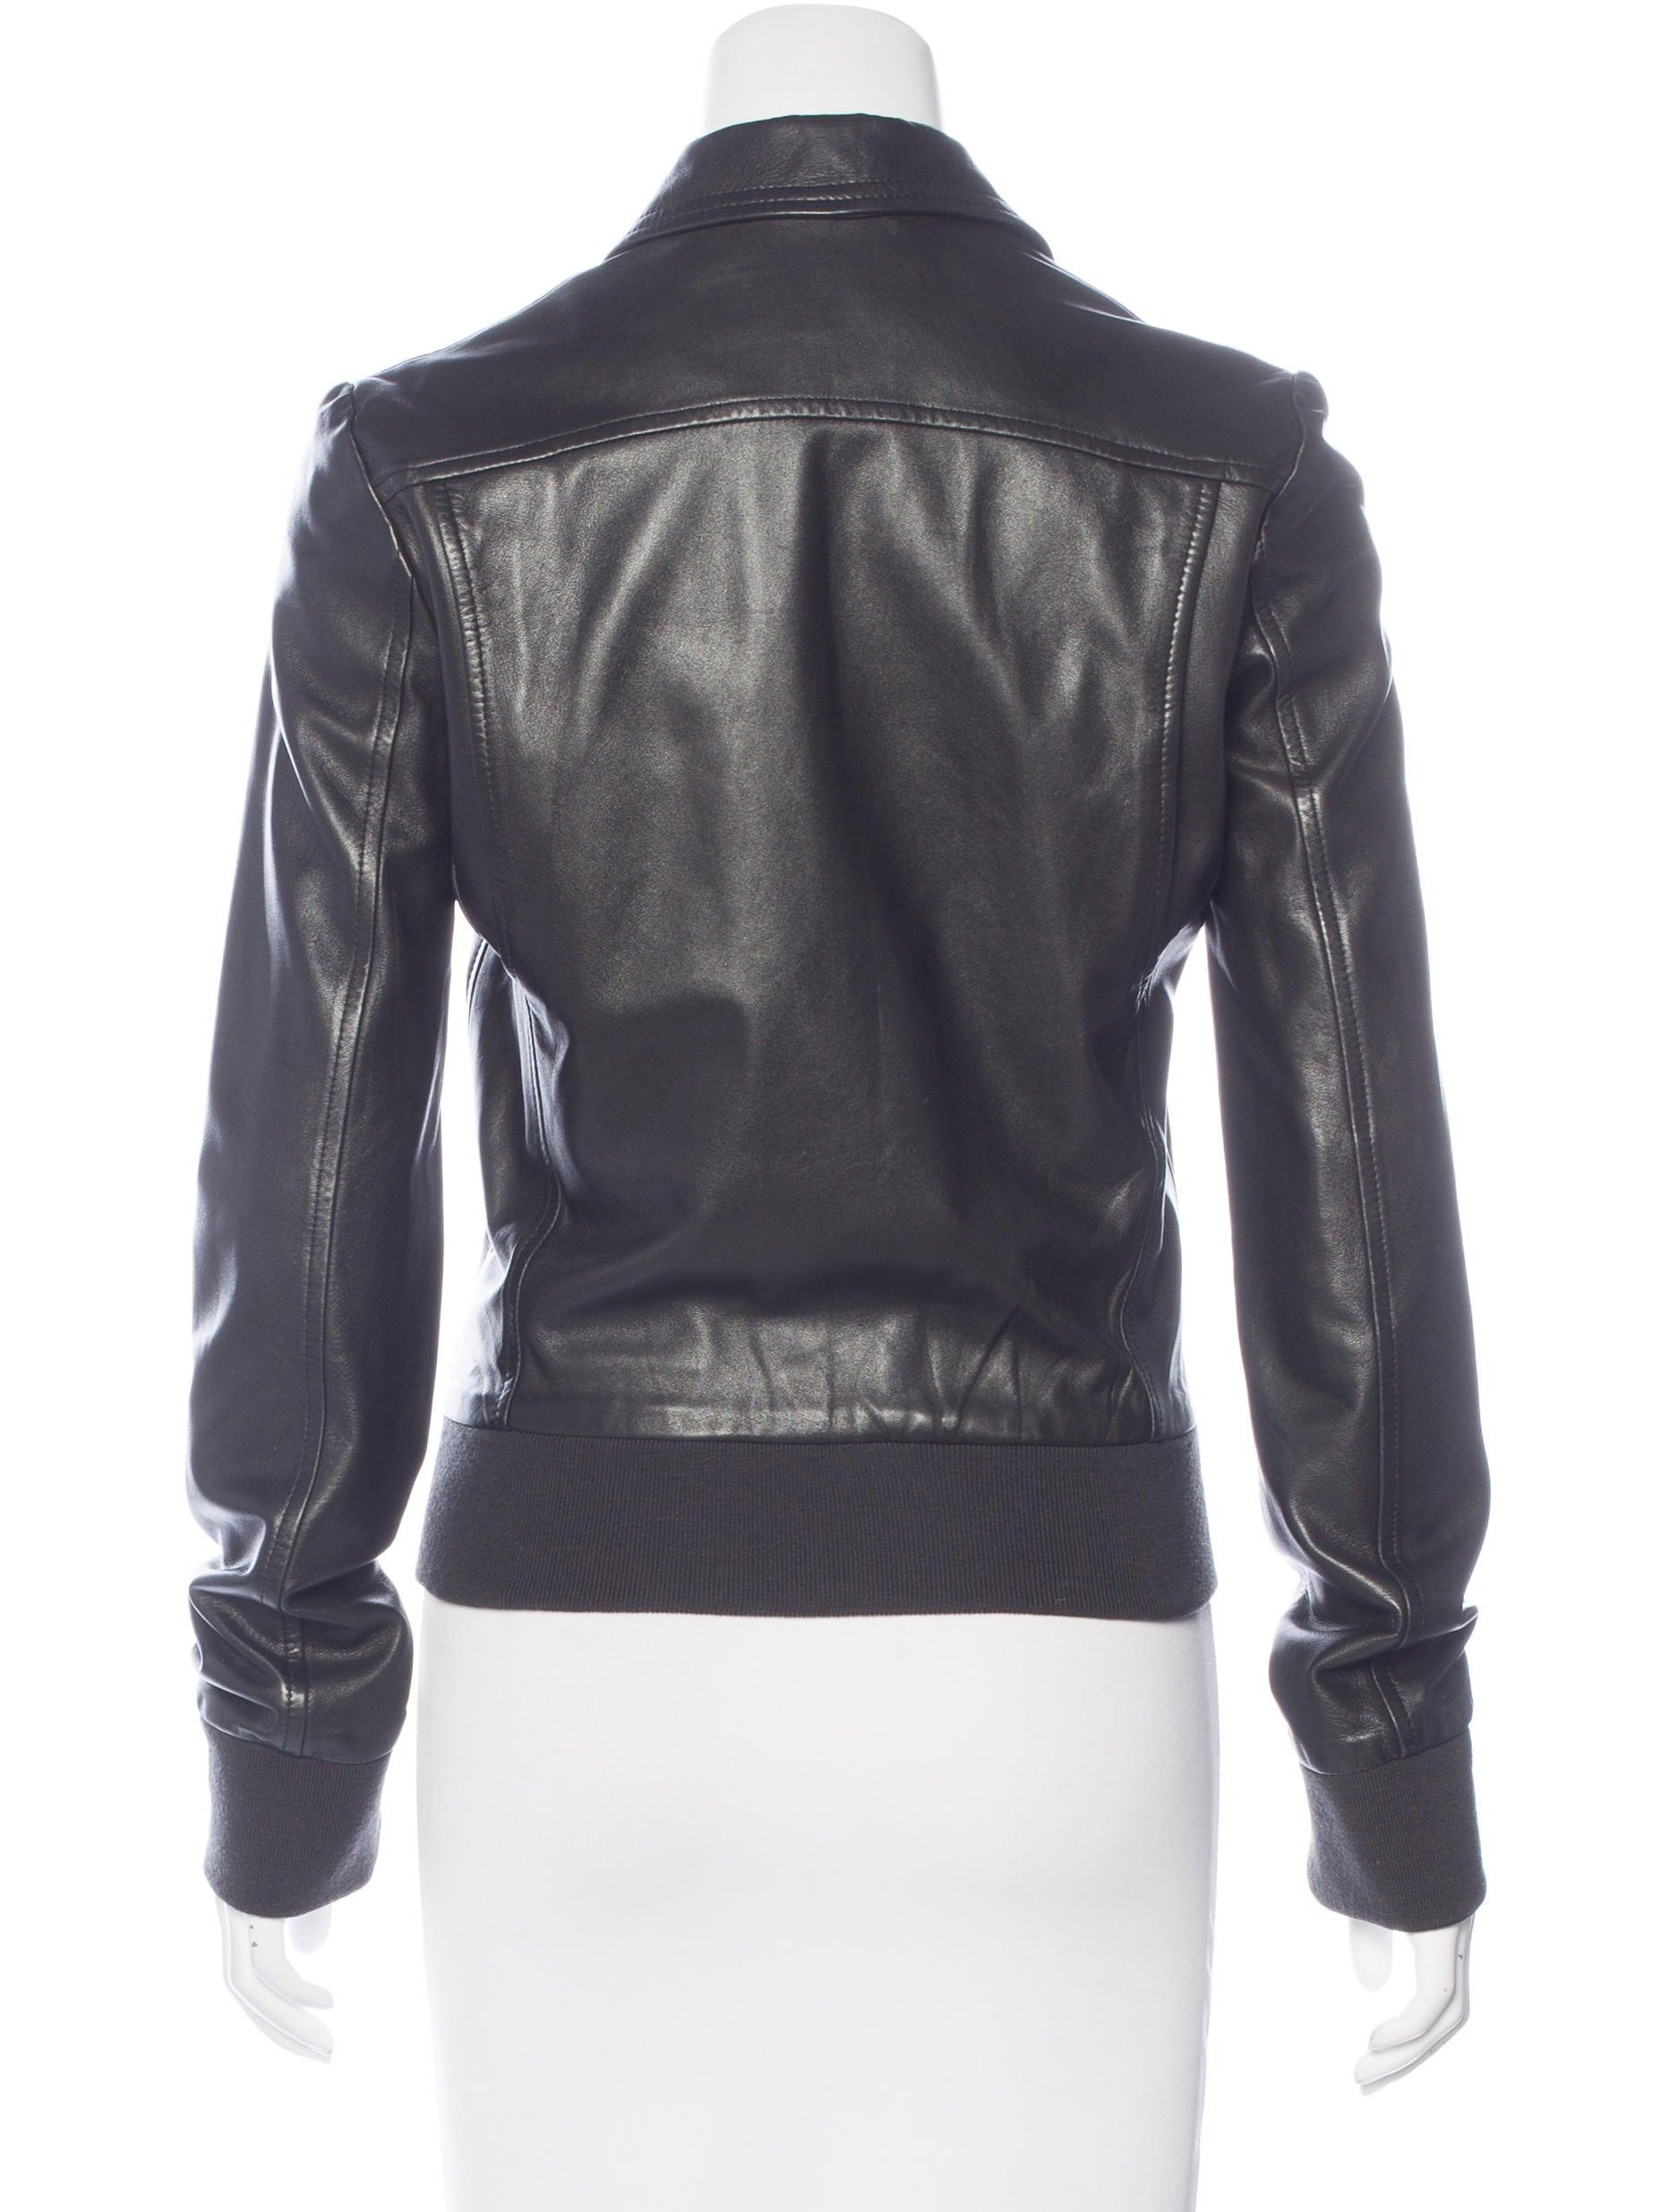 ralph lauren leather bomber jacket clothing wyg21879. Black Bedroom Furniture Sets. Home Design Ideas